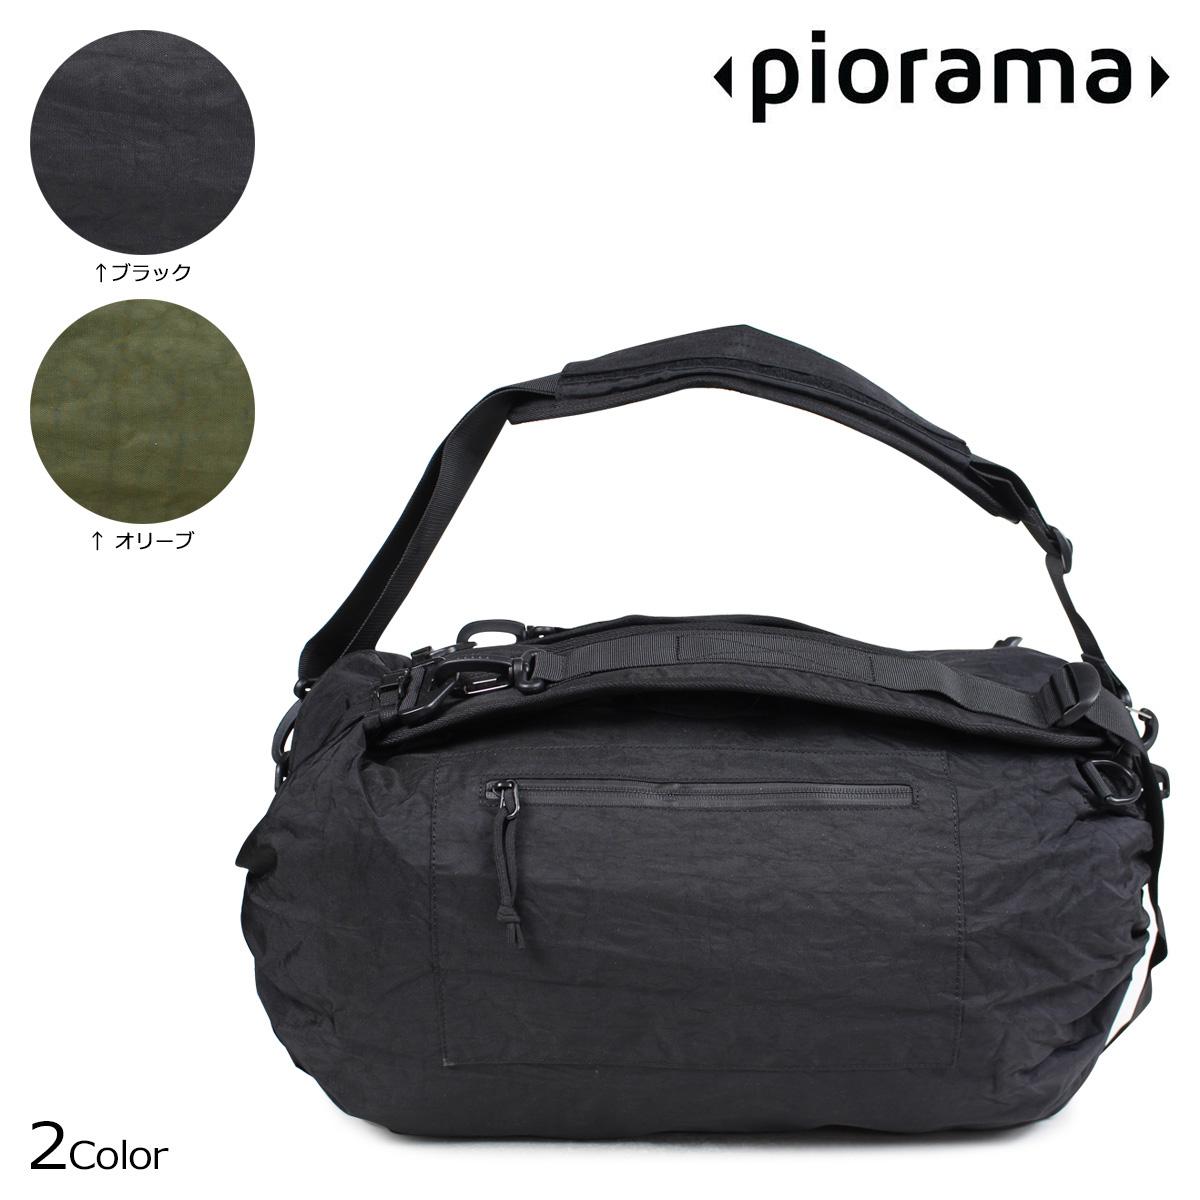 ピオラマ PIORAMA A10 バッグ ショルダーバッグ バックパック ボストン 31L 46.5L 62L THE ADIUSTABLE BAG メンズ レディース ブラック オリーブ